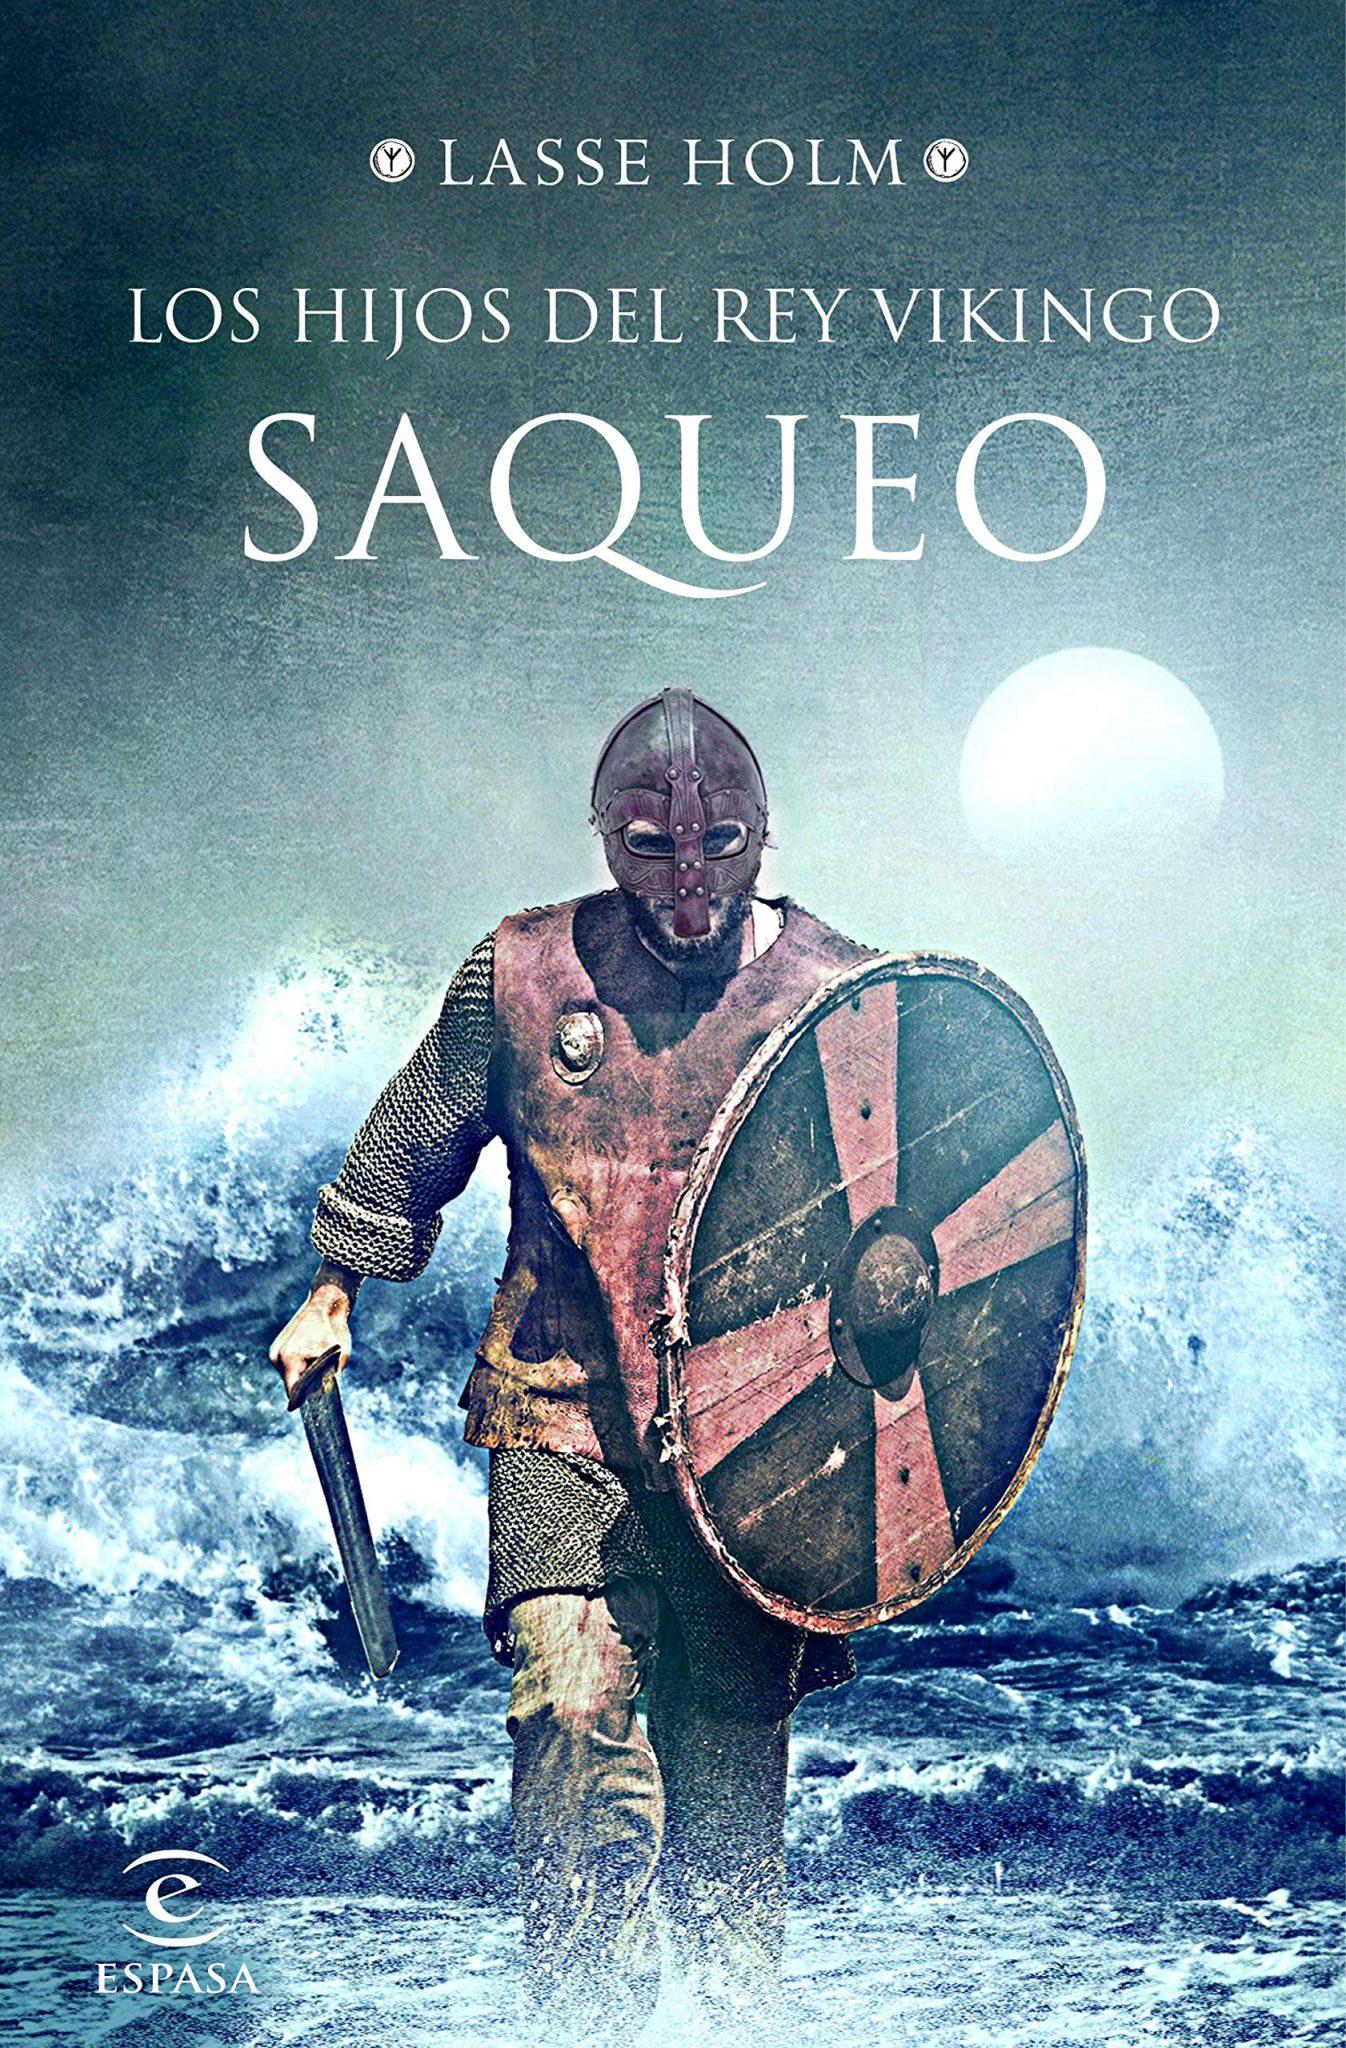 Los hijos del rey vikingo. Saqueo Book Cover